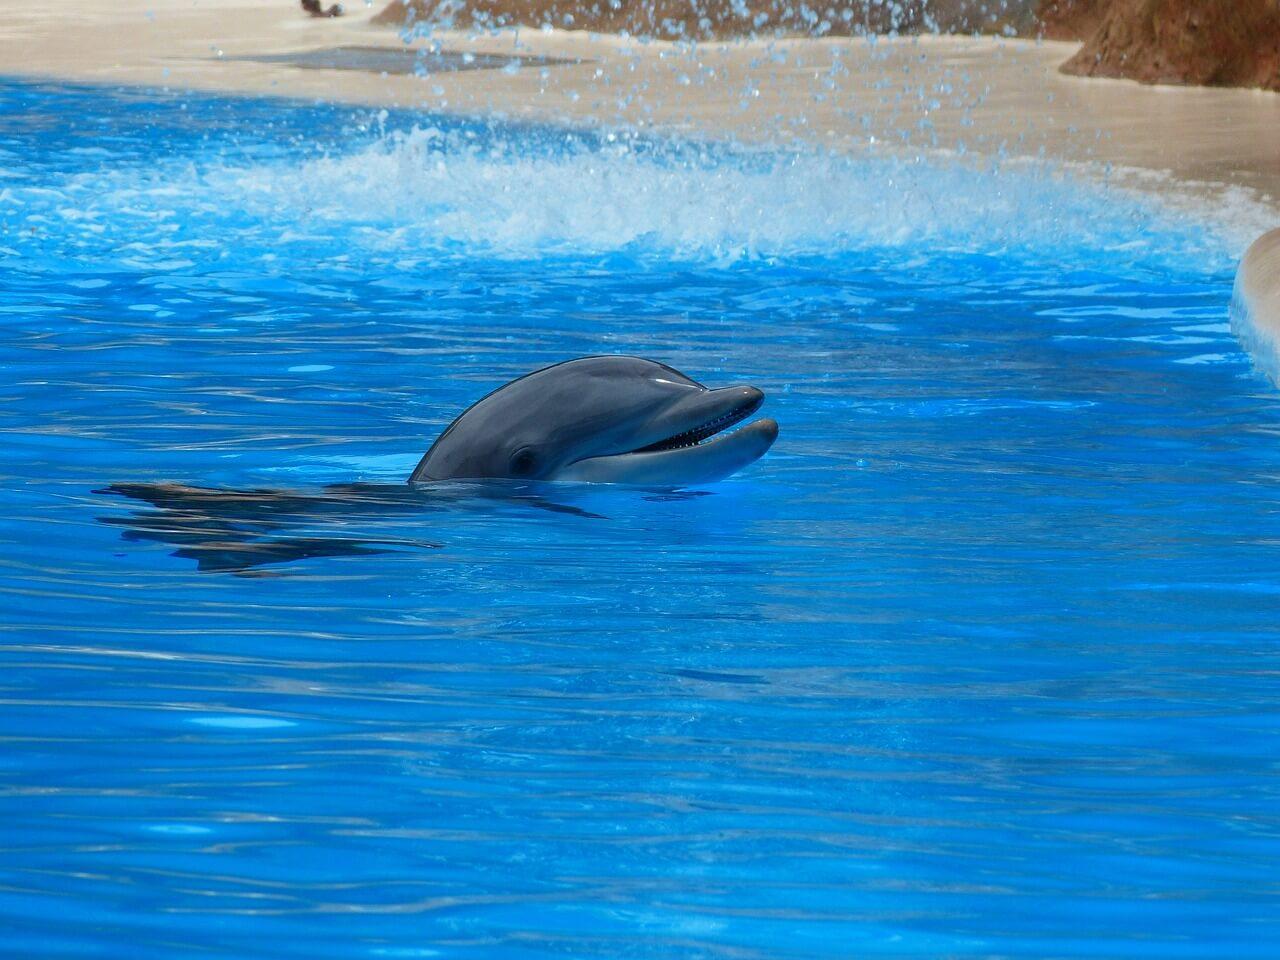 delfin butlonosy w wodach Adriatyku